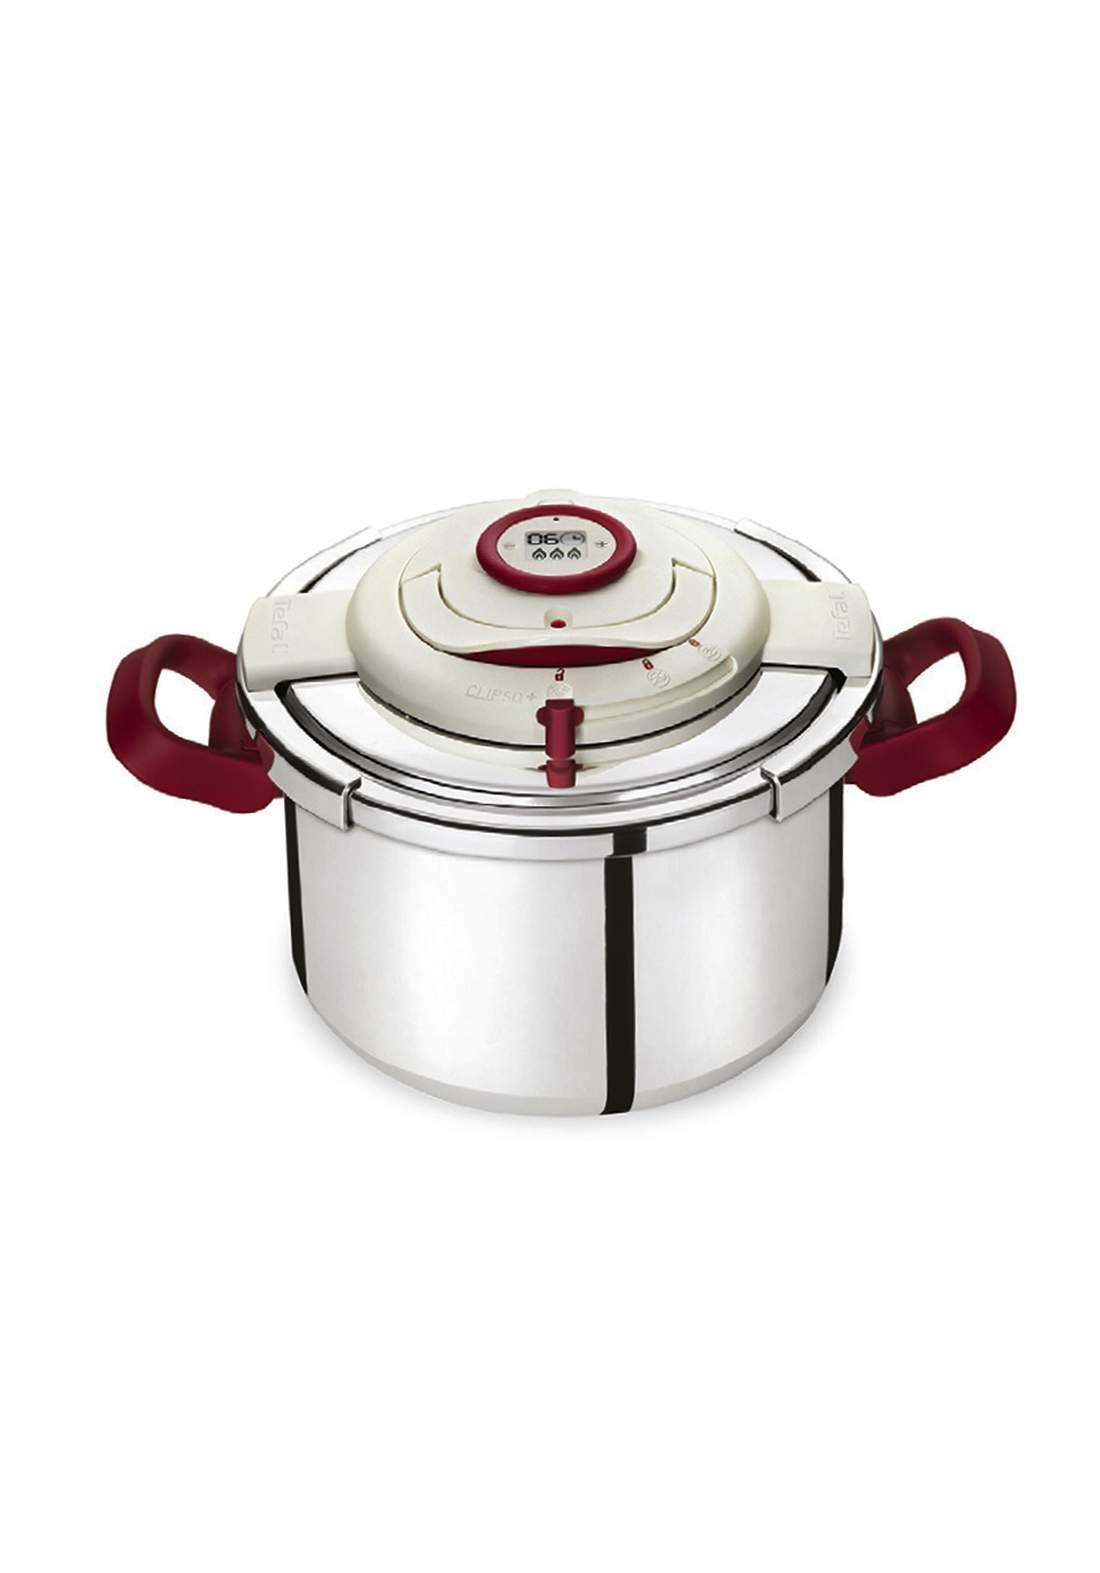 Tefal P4411562 Clipso Perfect Pressure Cooker 10L  قدر ضغط